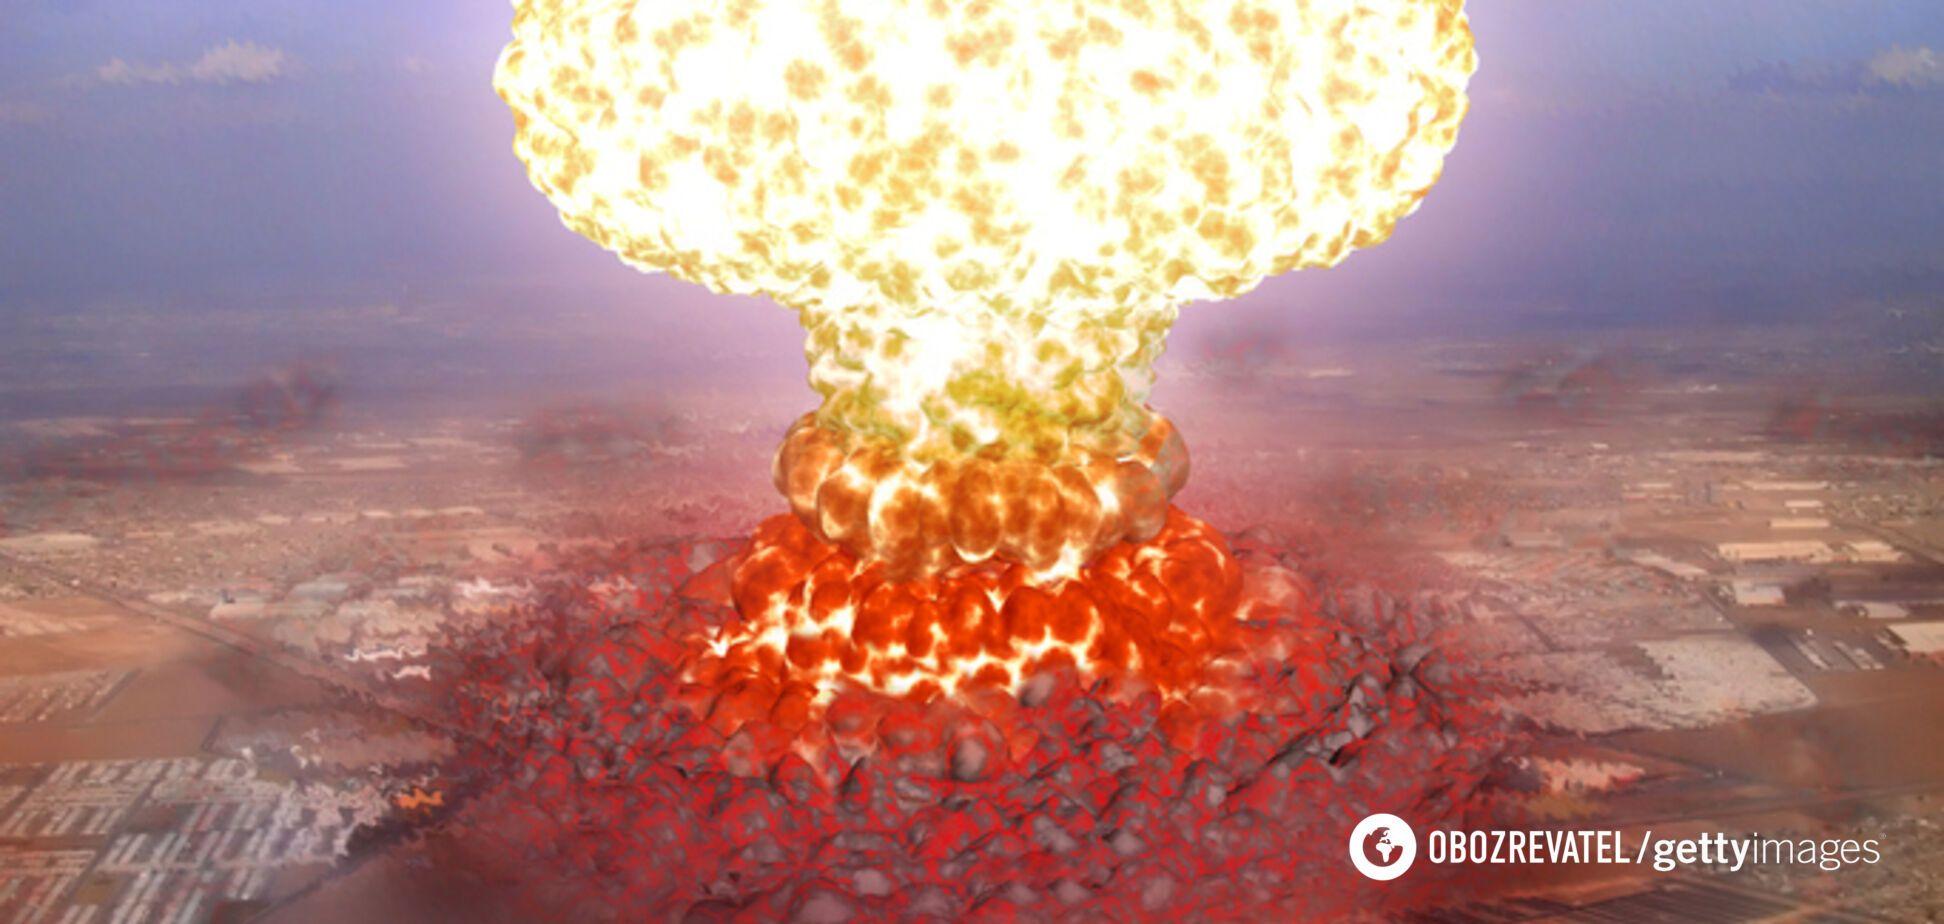 Сказка о 'совецких разведчиках': кто изобрел атомную бомбу